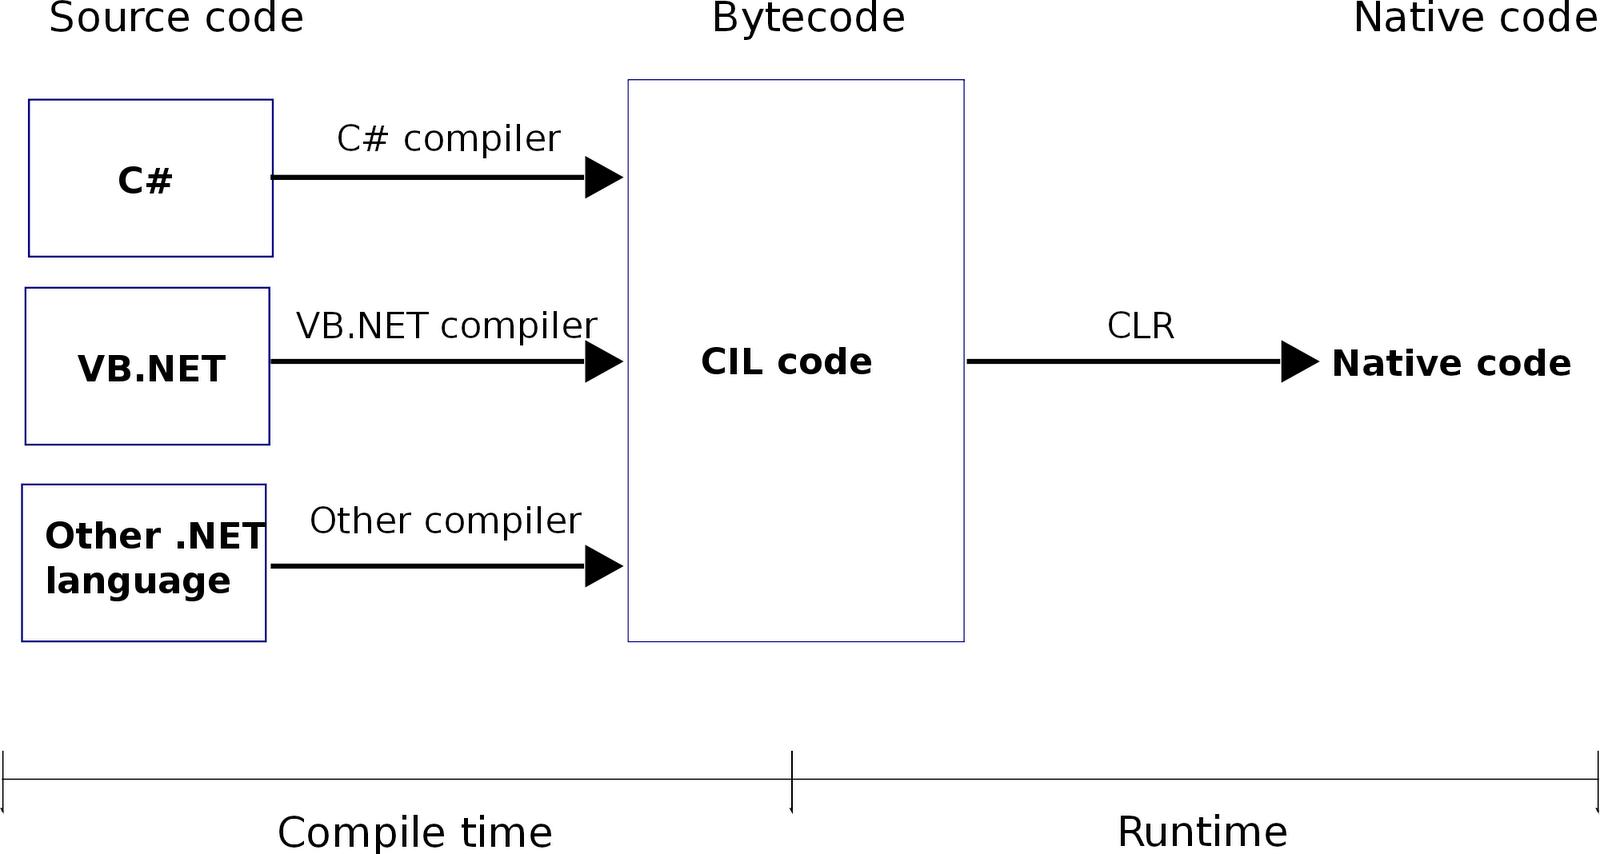 Architecture logicielle clr for Architecture logicielle